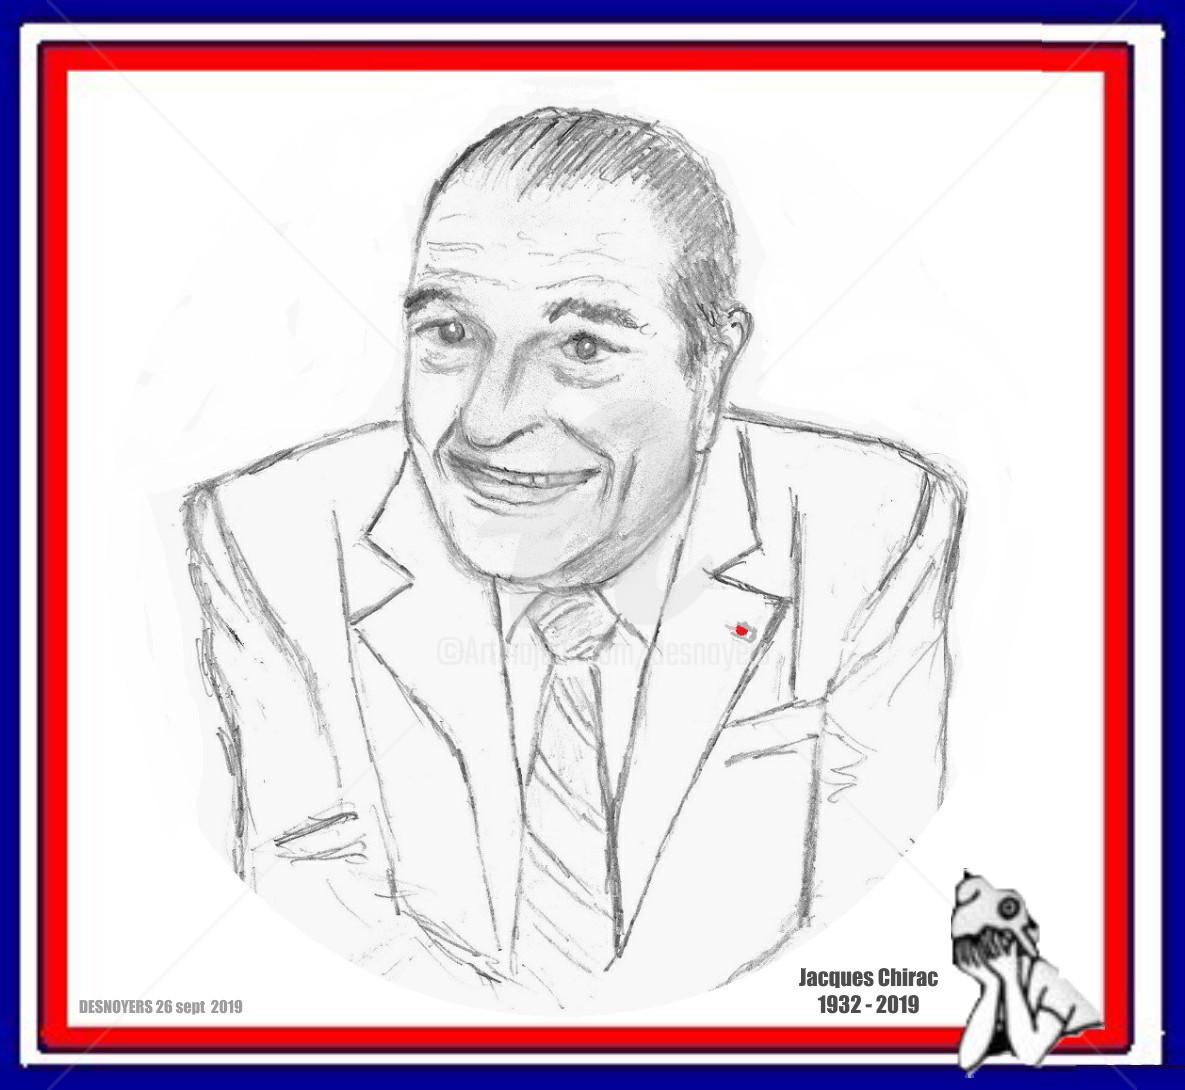 DESNOYERS - Hommage à Jacques Chirac